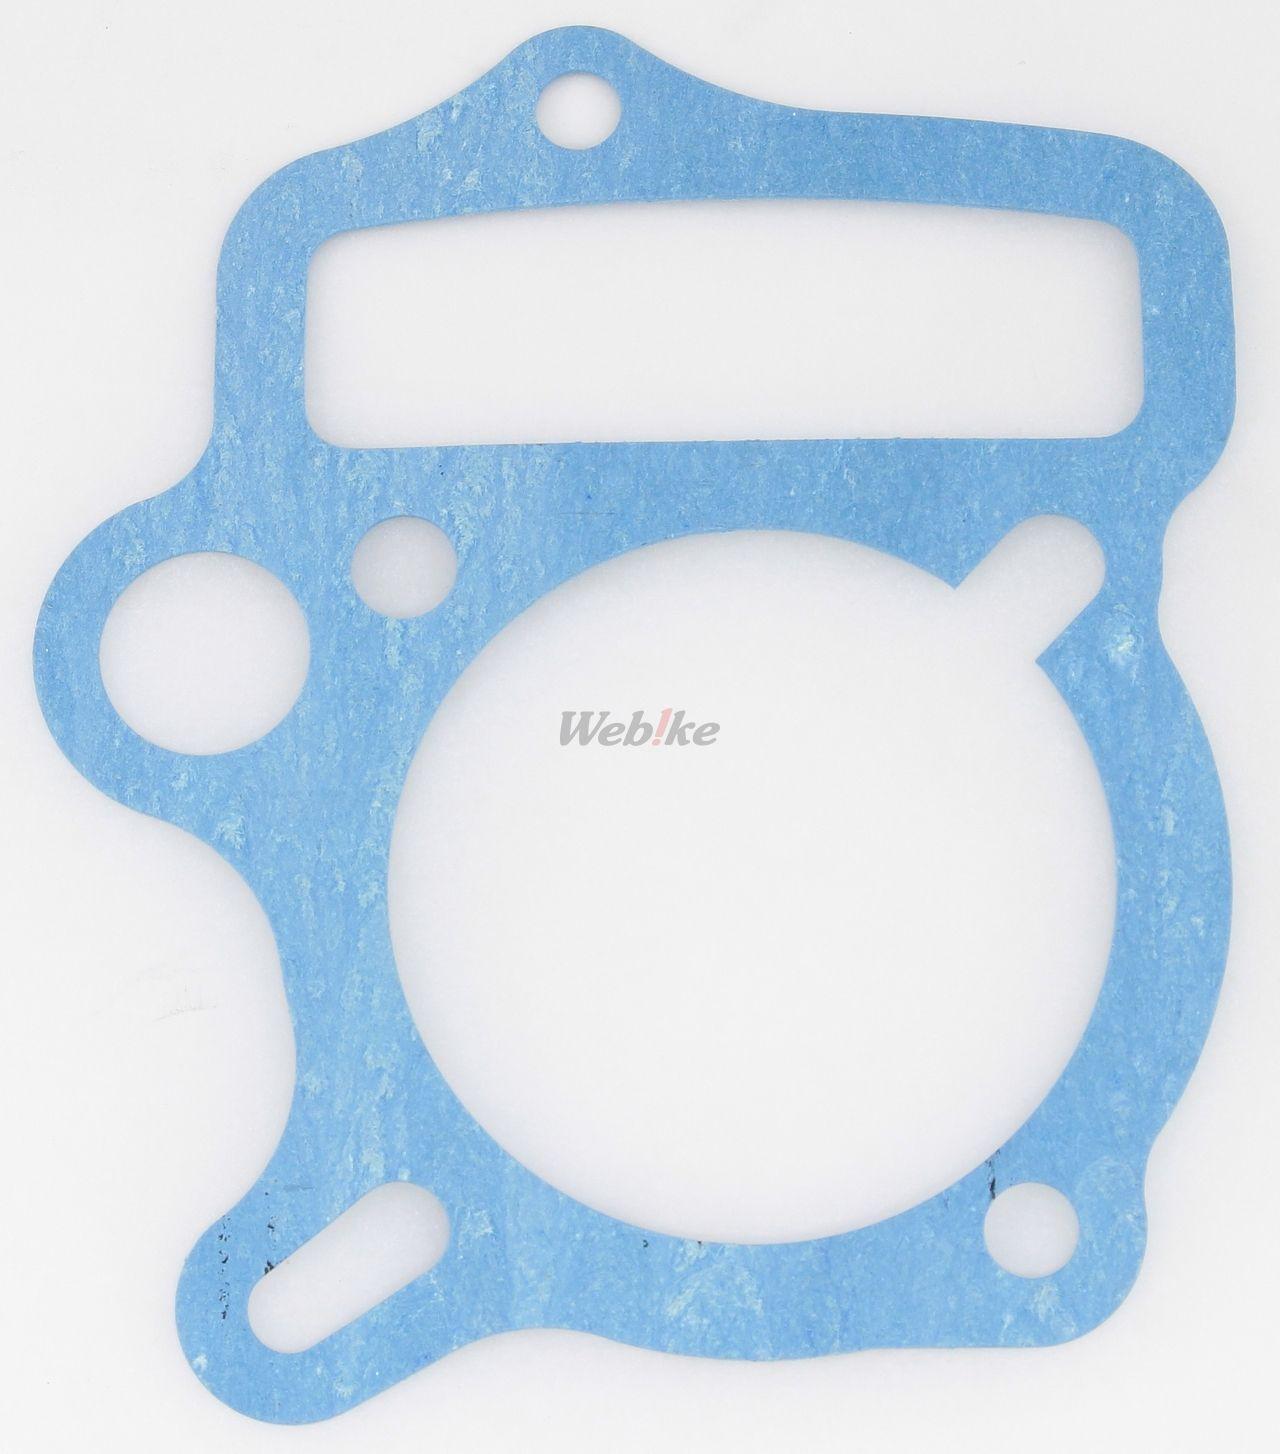 【KITACO】墊片組A (加大缸徑 88/108cc用) - 「Webike-摩托百貨」